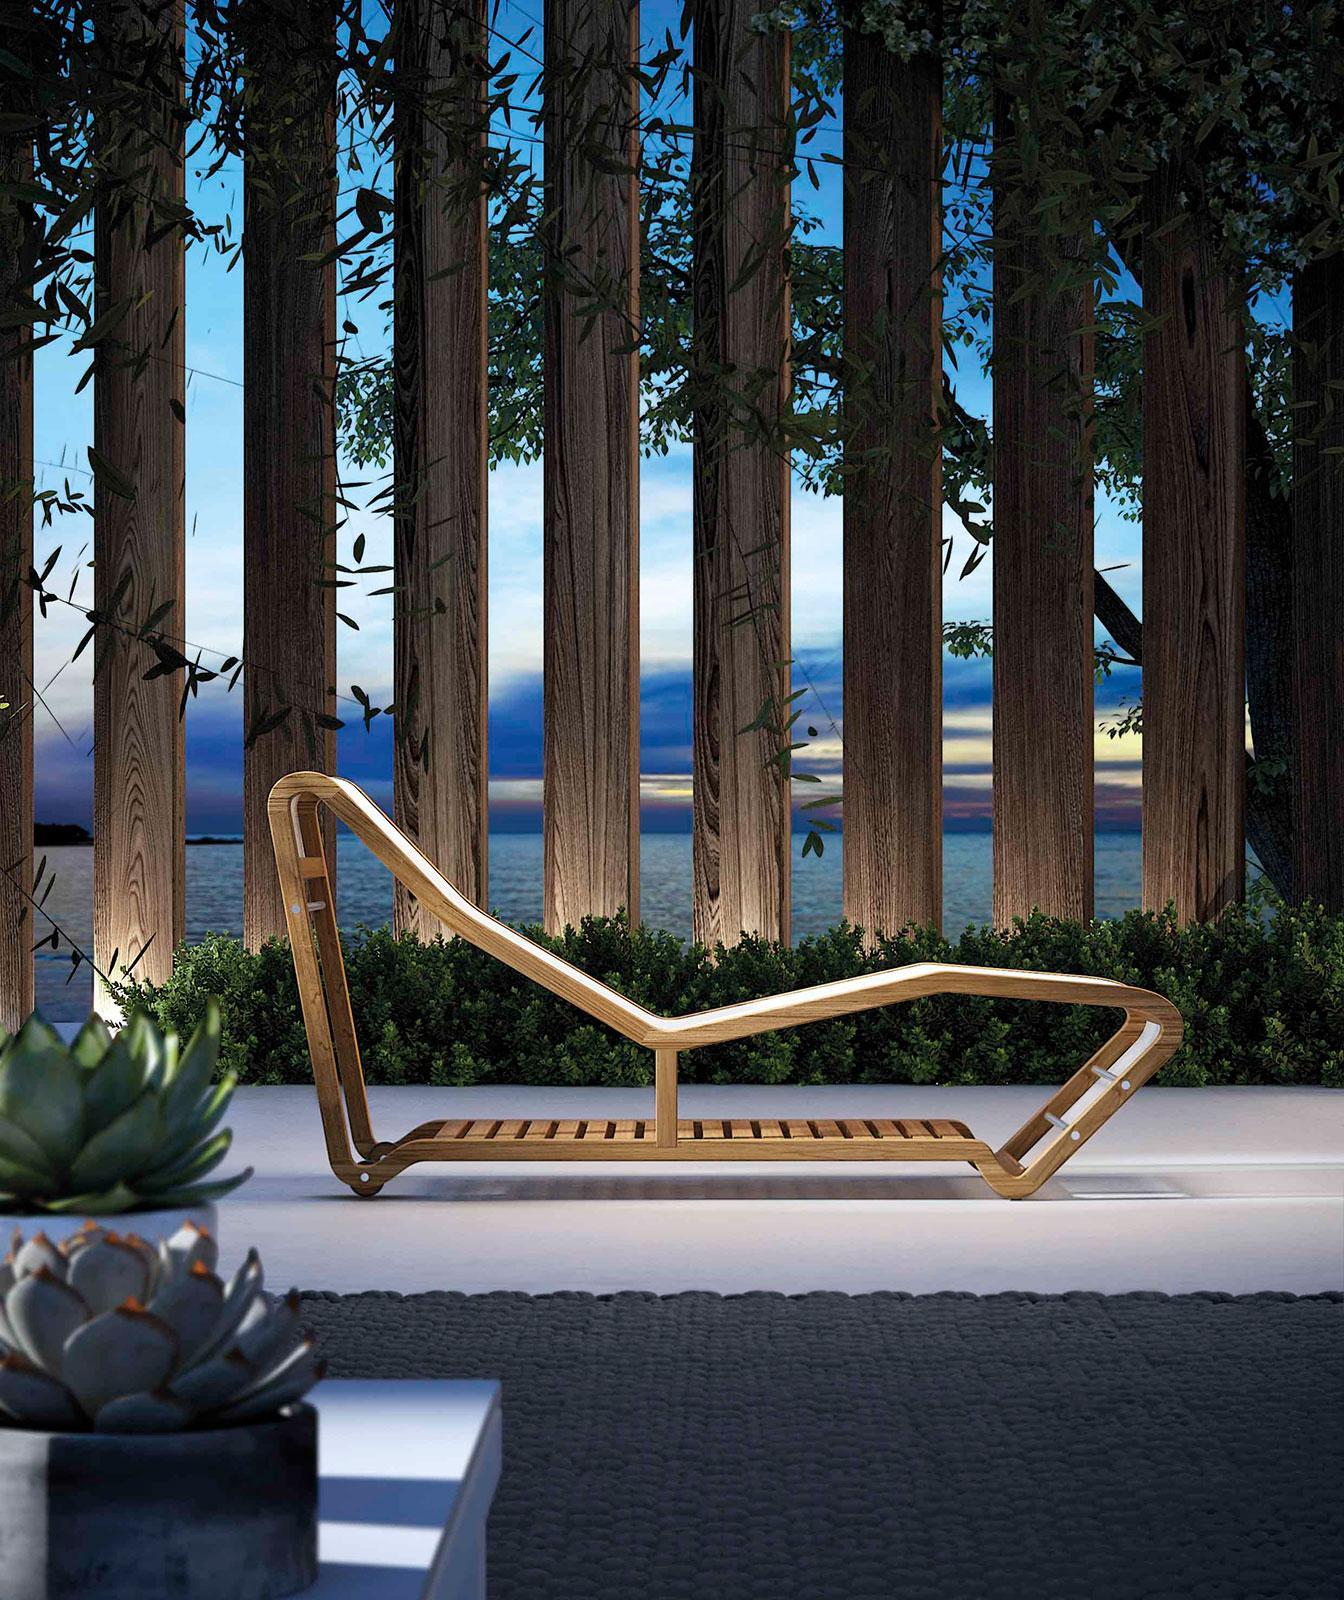 Loop chaise longue da esterno shop online italy dream - Chaise longue da esterno ...